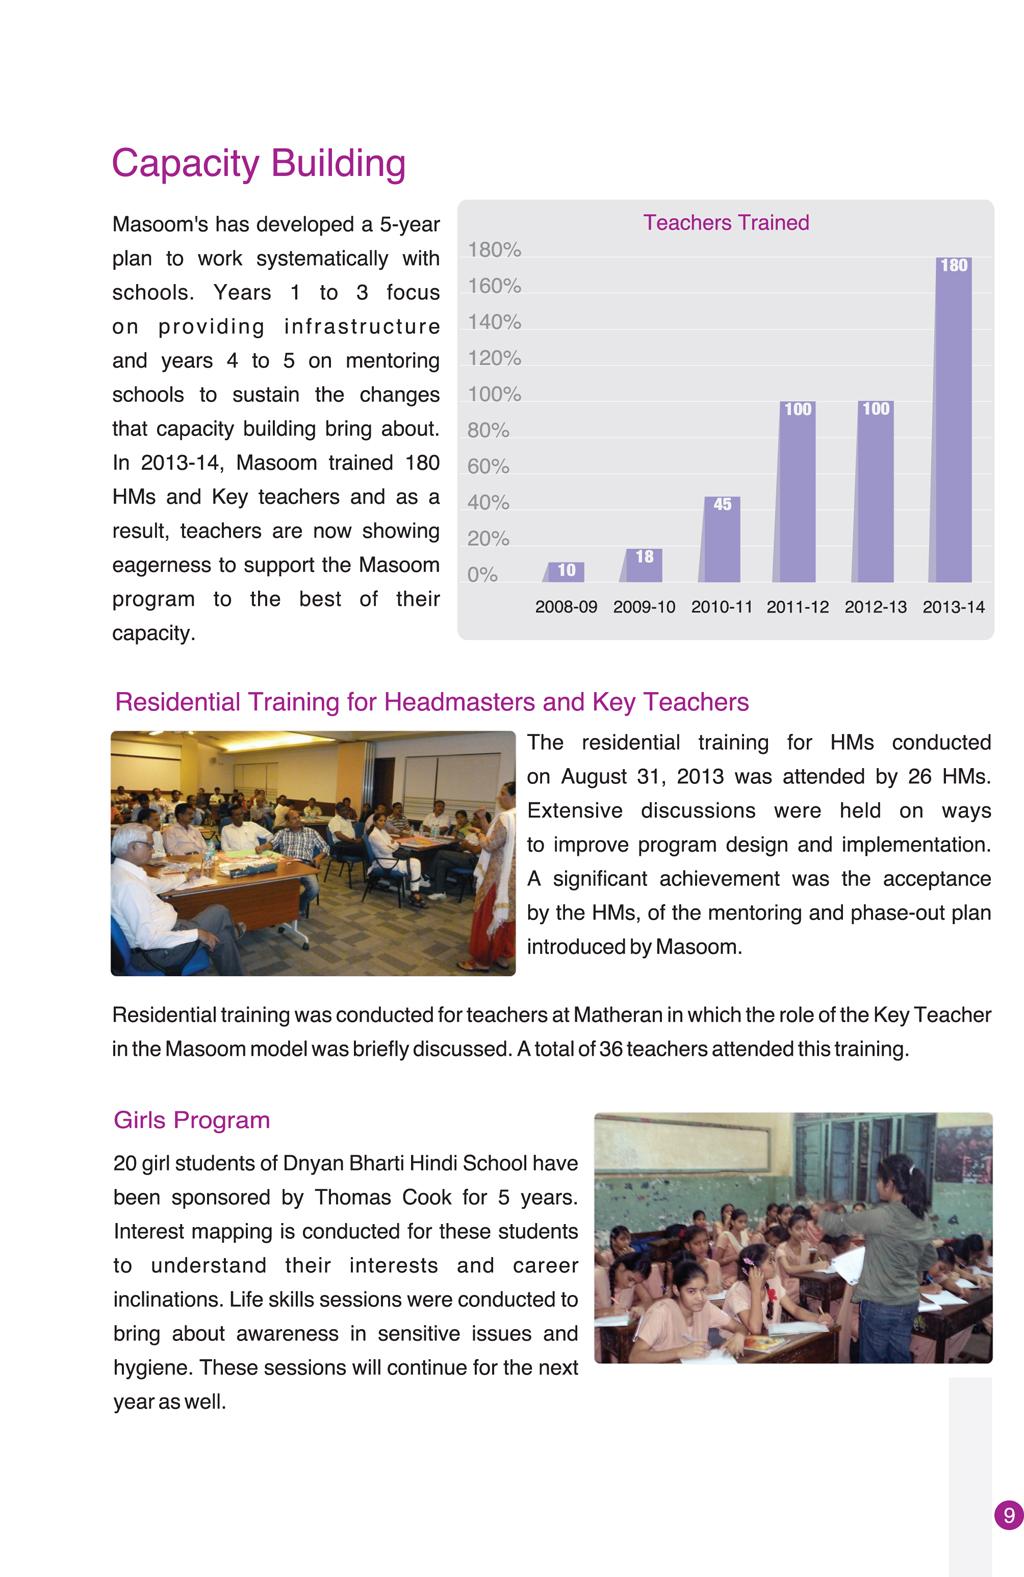 AnnualReport13-14_3